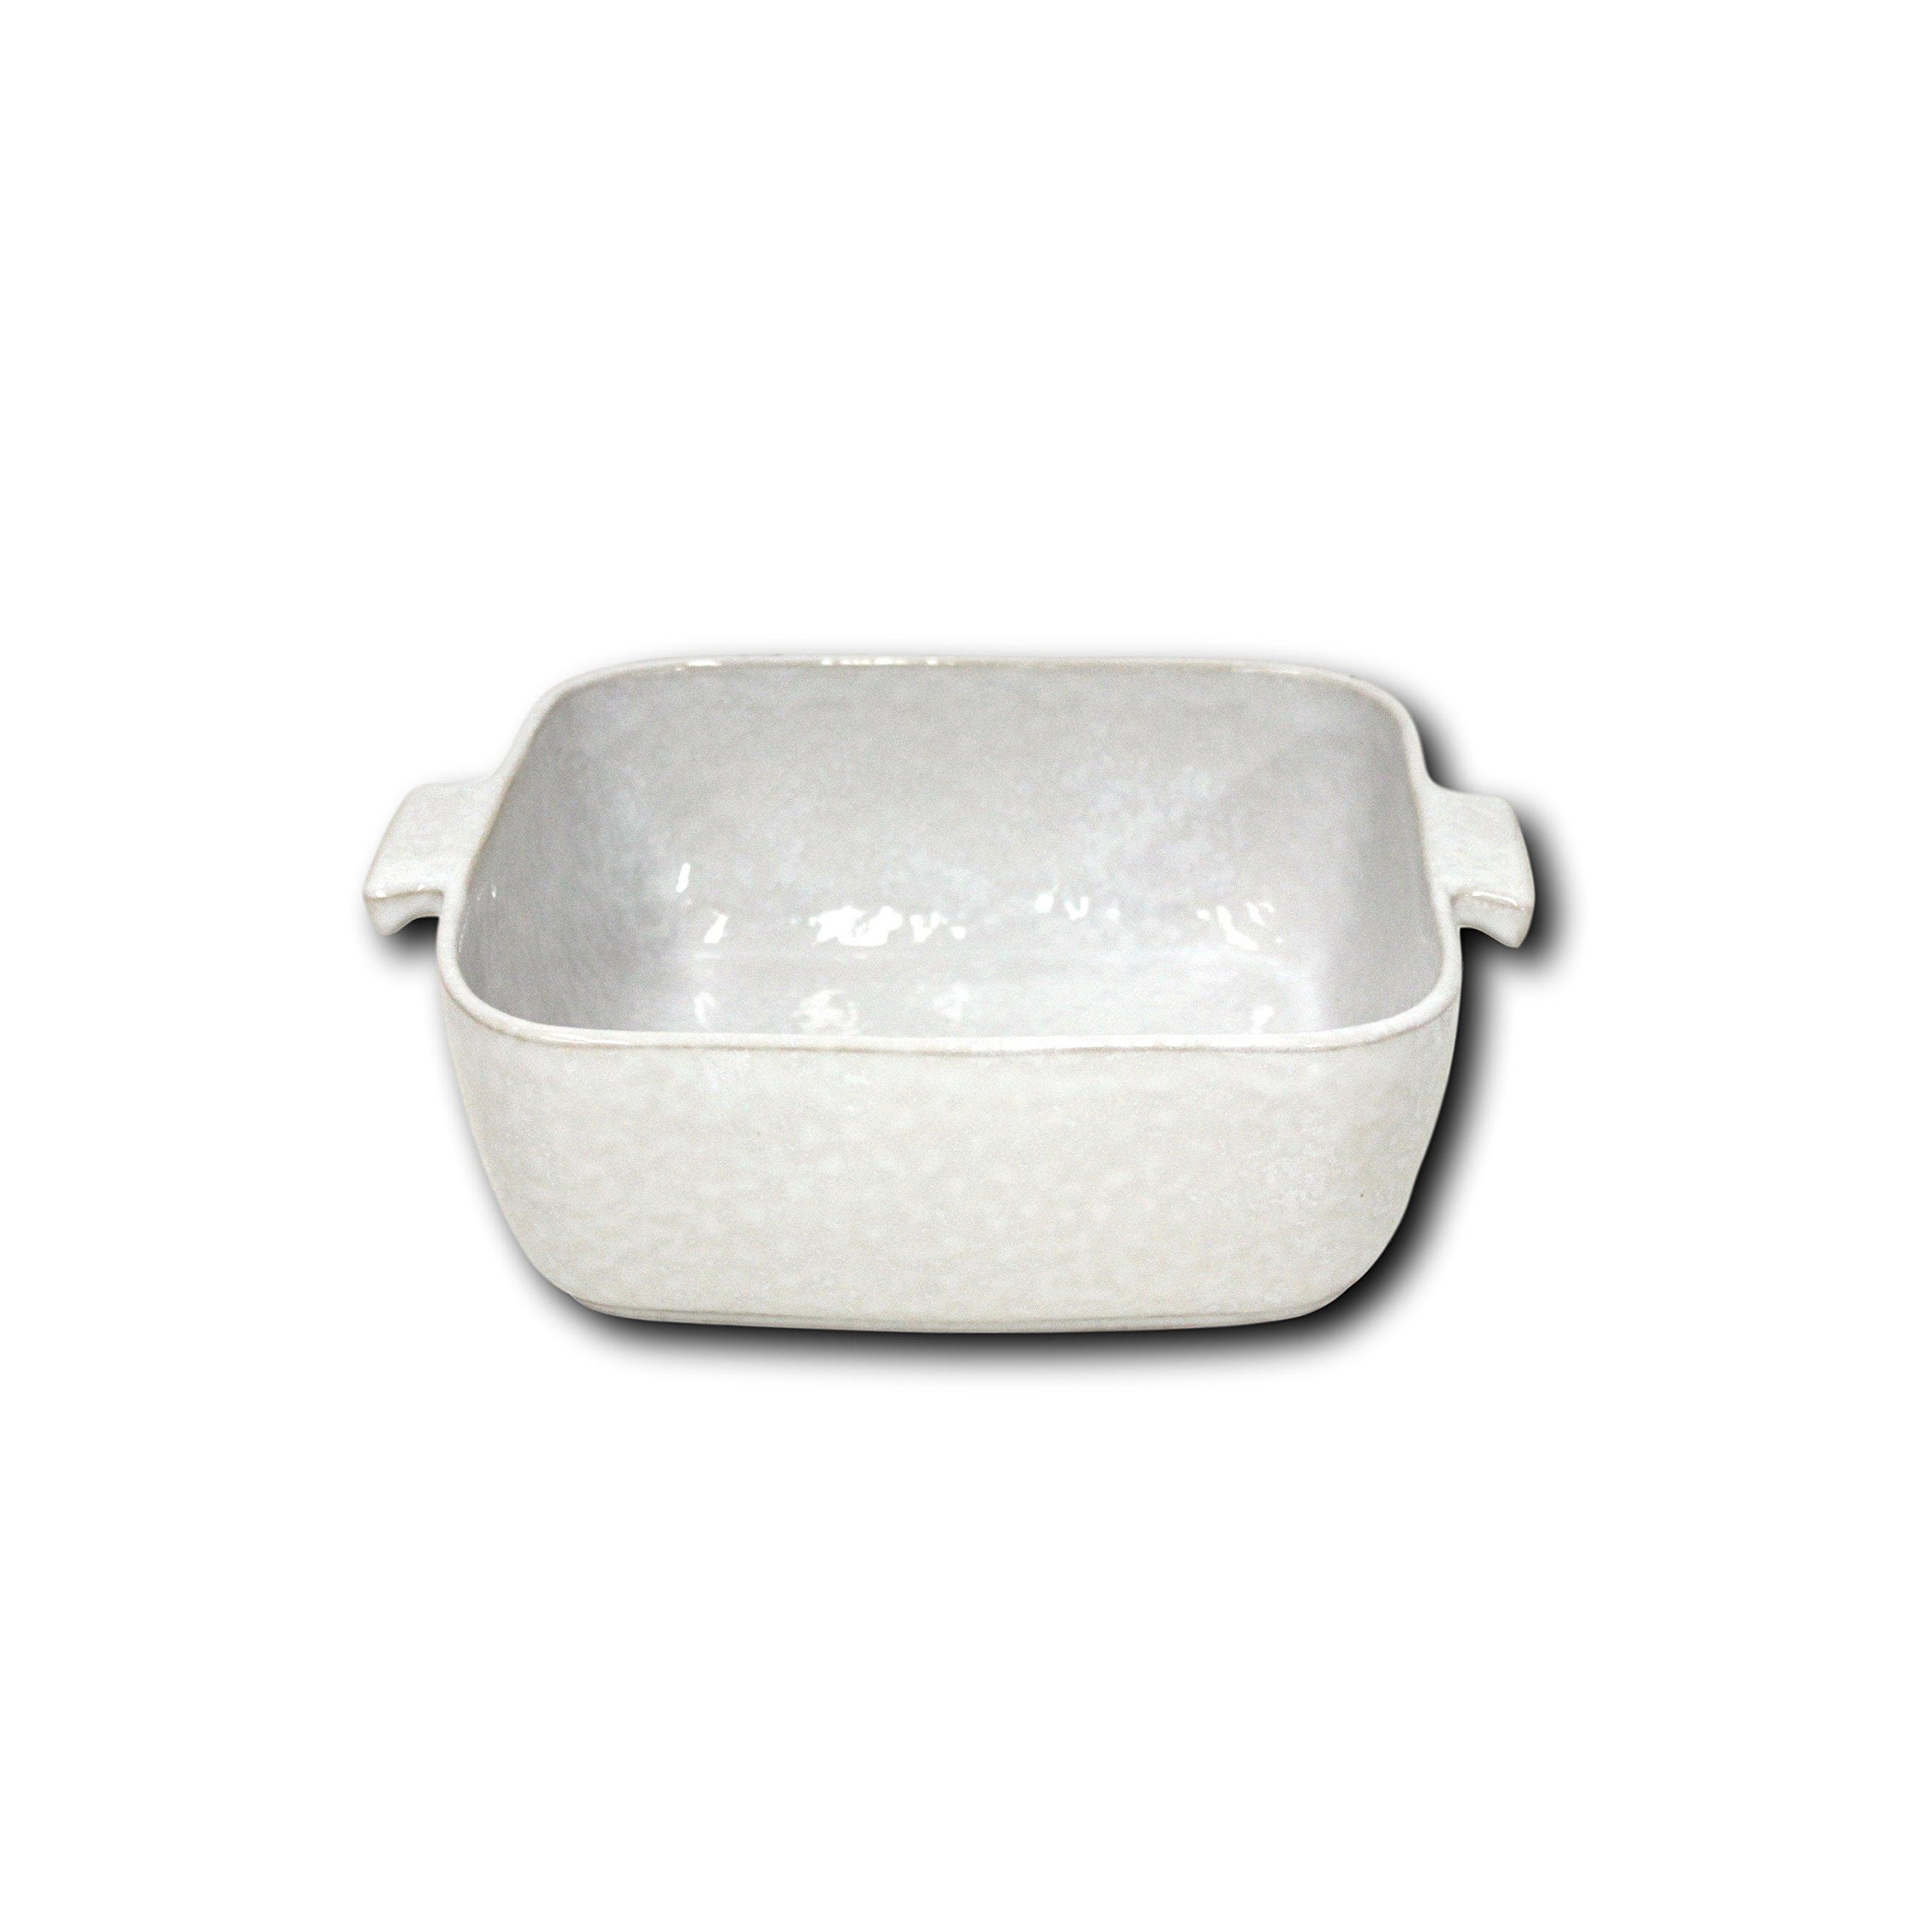 Carmel Ceramica 05-1502 Square Baker, 8'' x 8'' x 3'', White